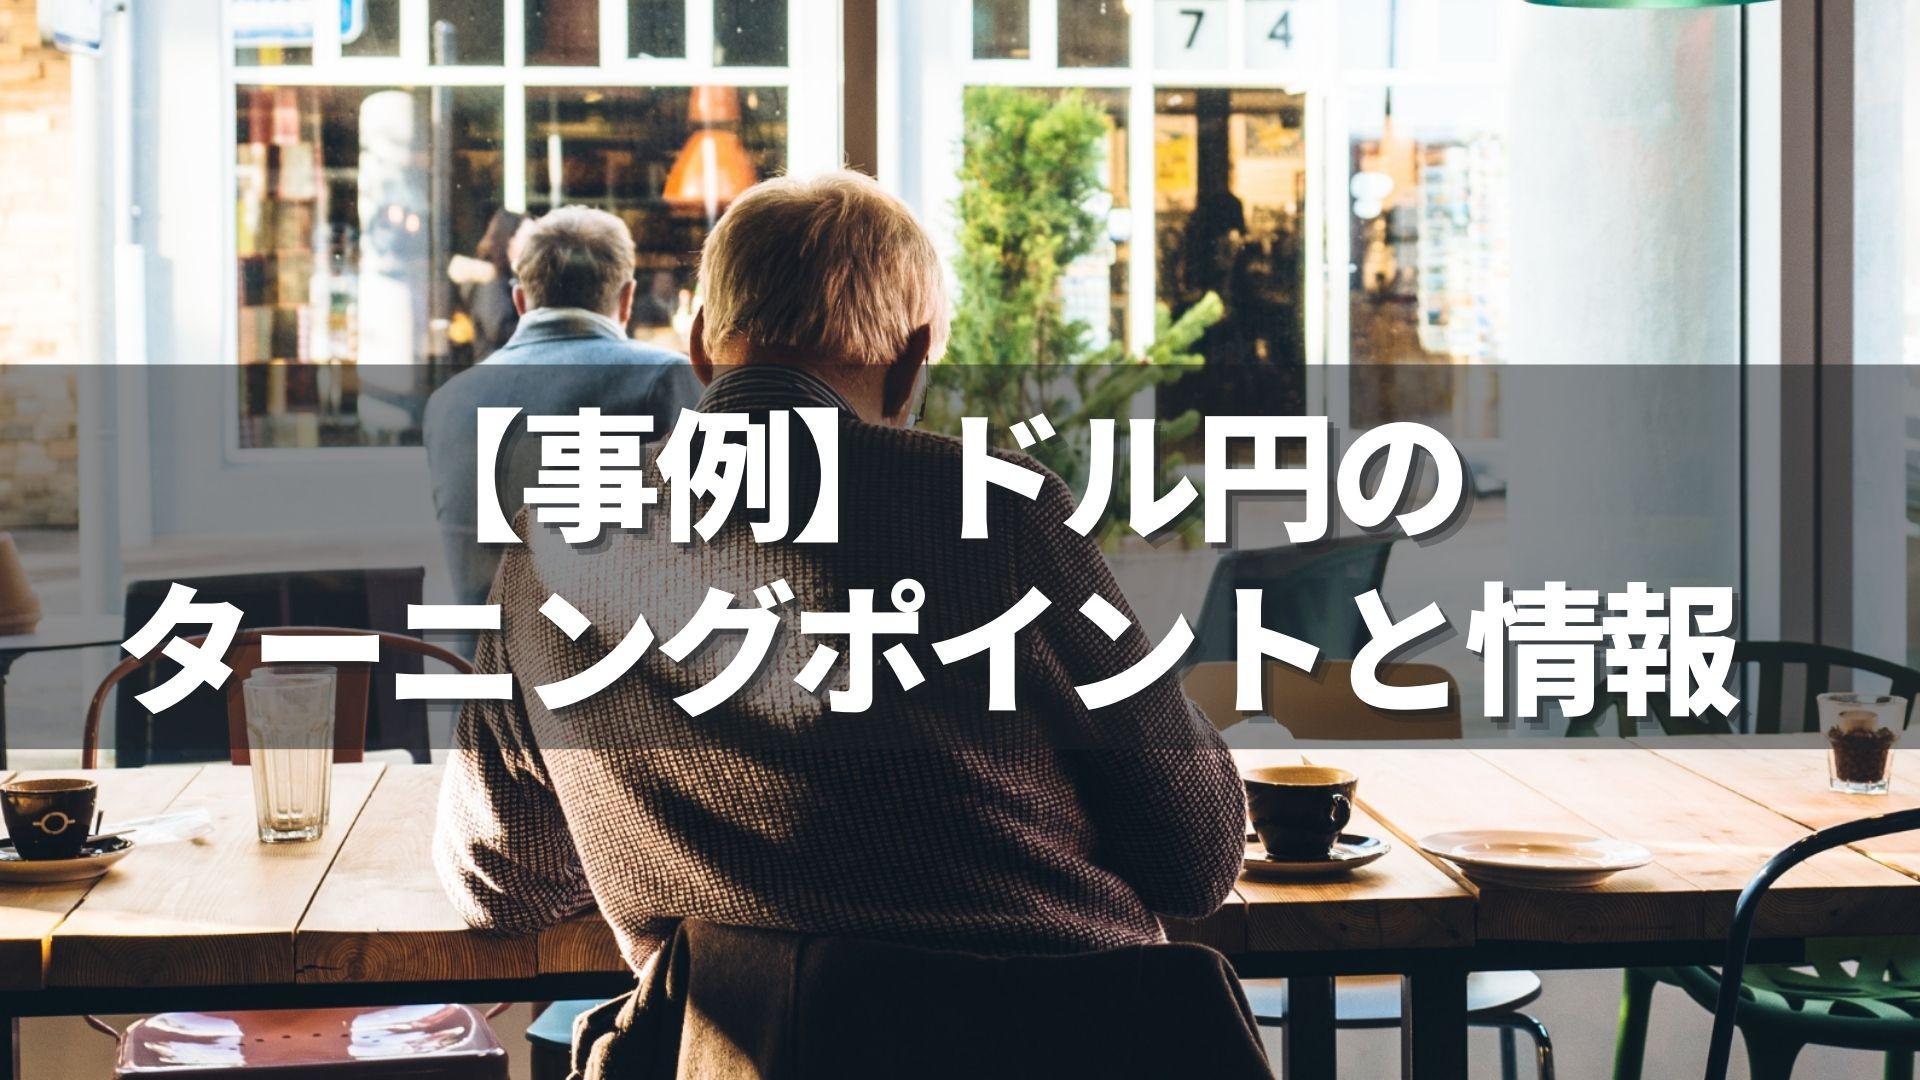 【為替相場】ドル円のターニングポイントと情報